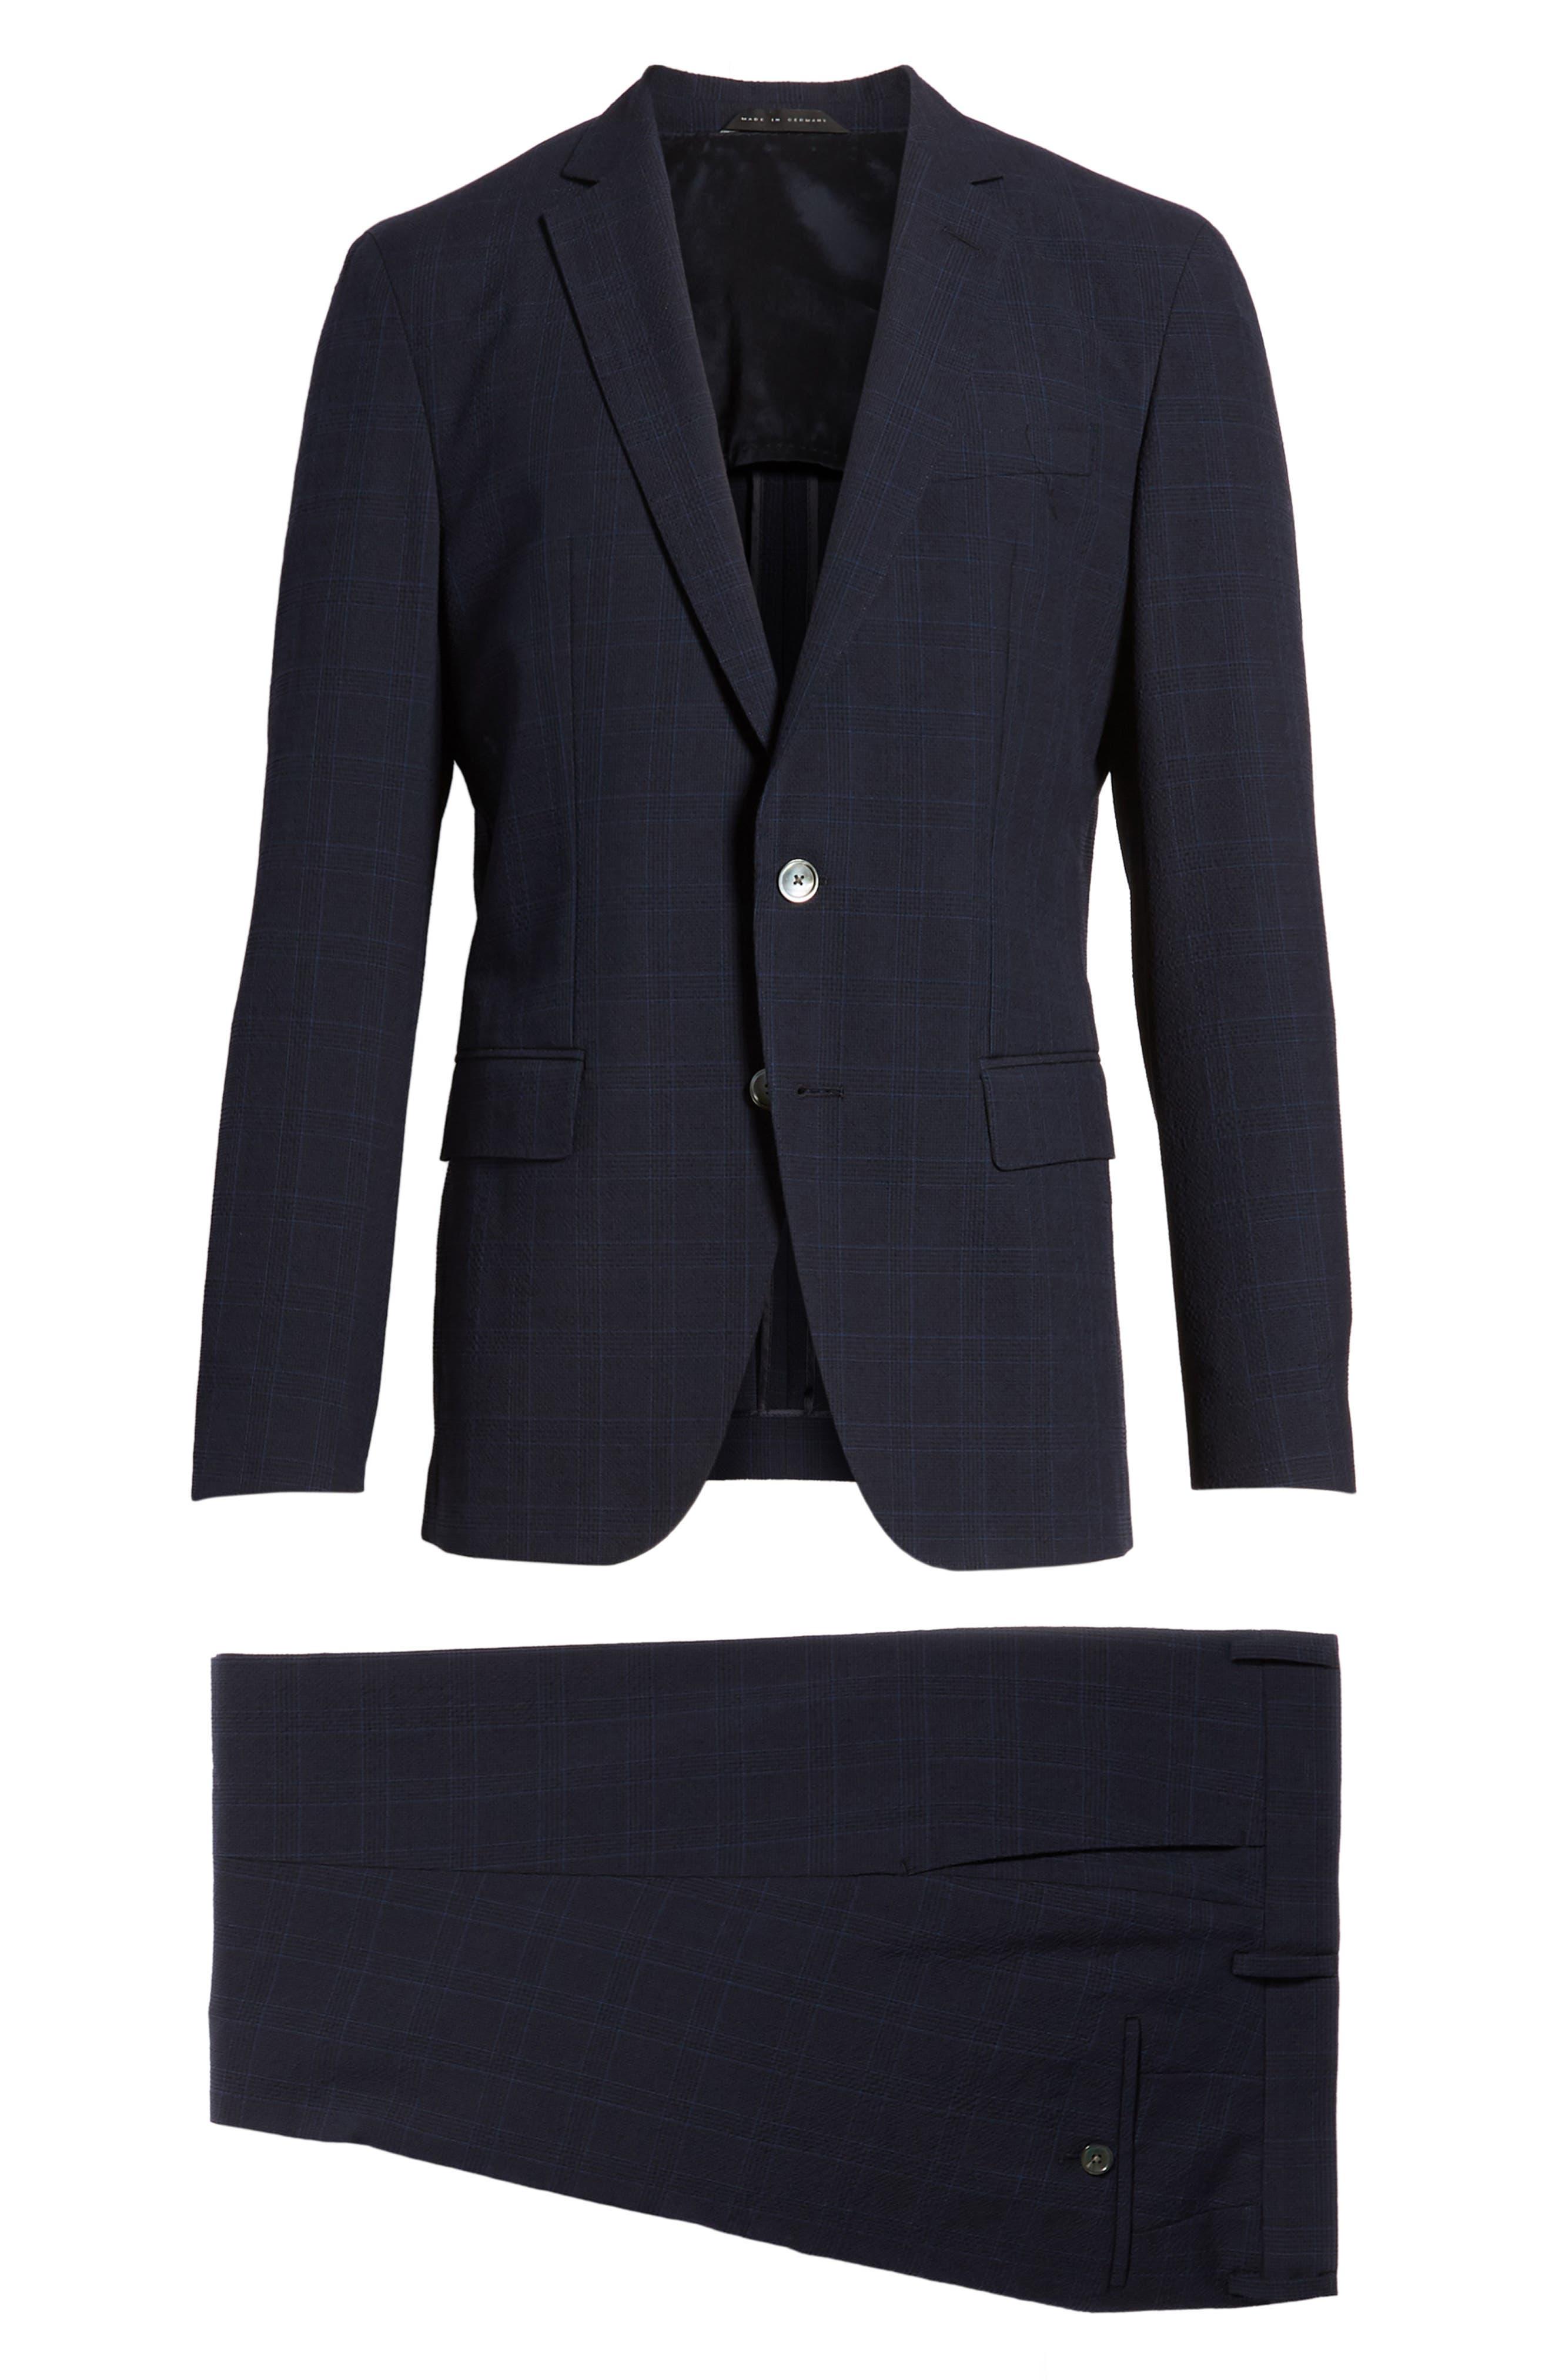 Helford/Gander Trim Fit Plaid Wool & Cotton Suit,                             Alternate thumbnail 8, color,